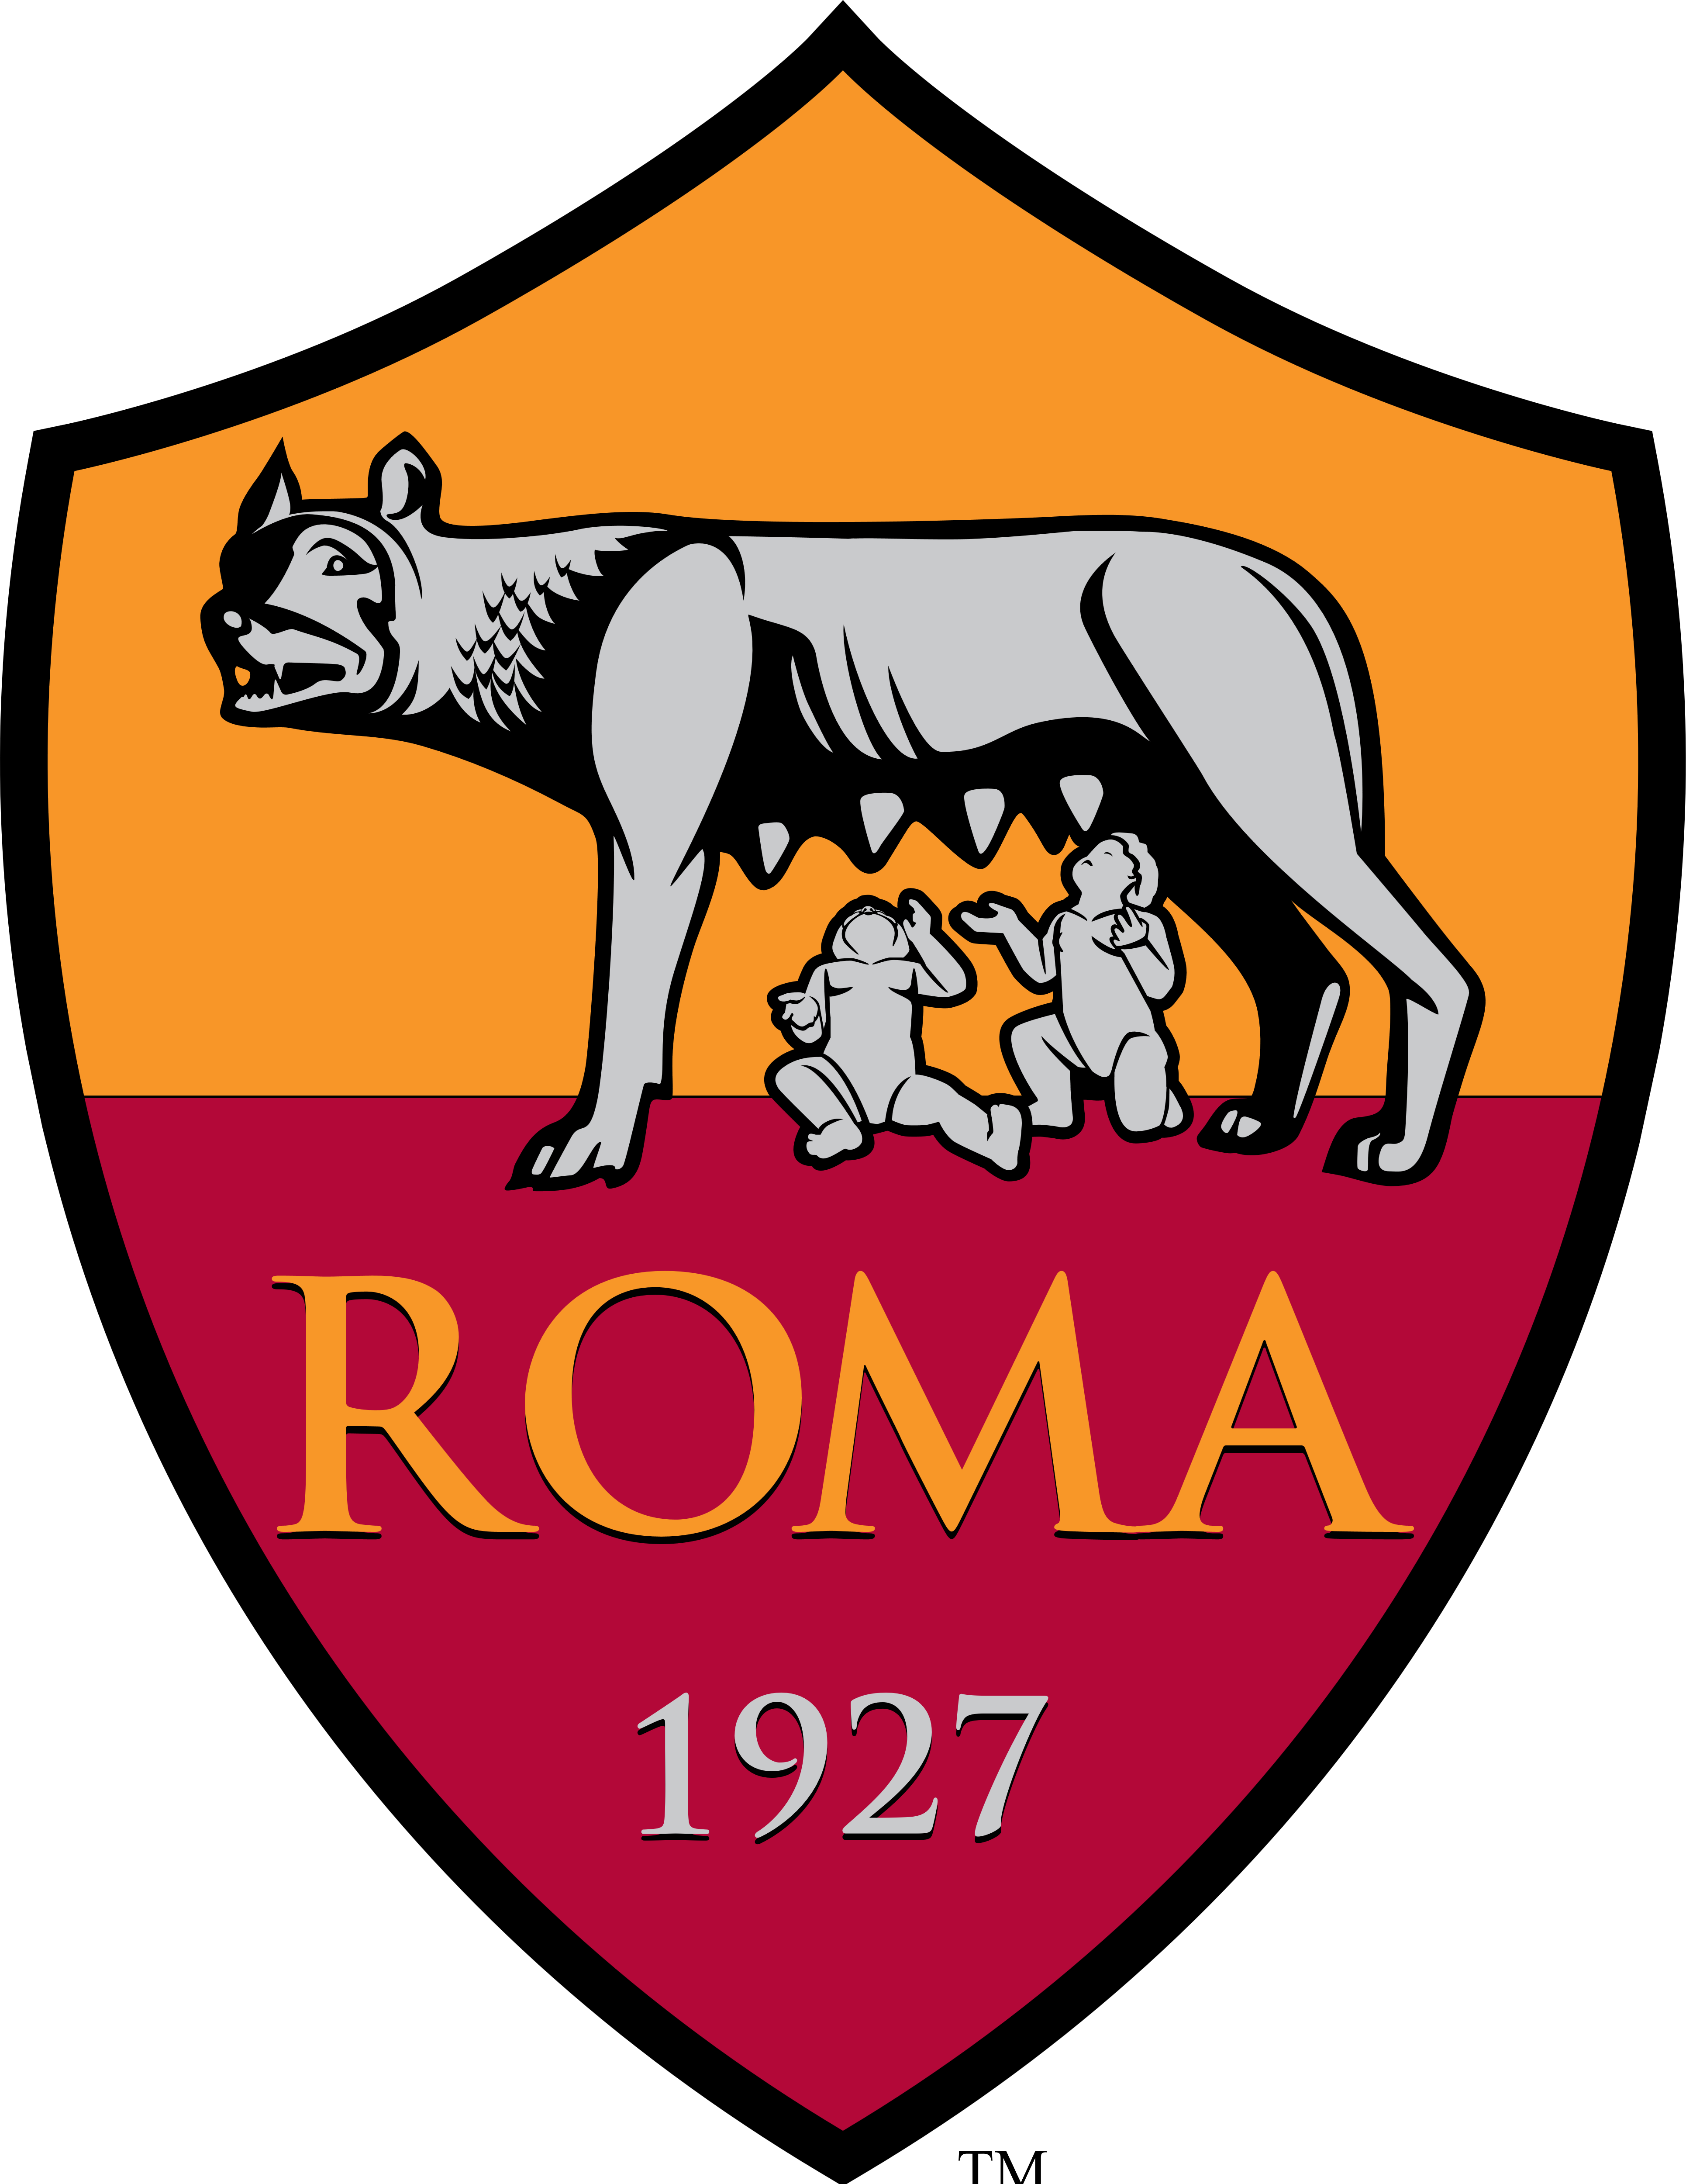 AS Roma u2013 Logos Download